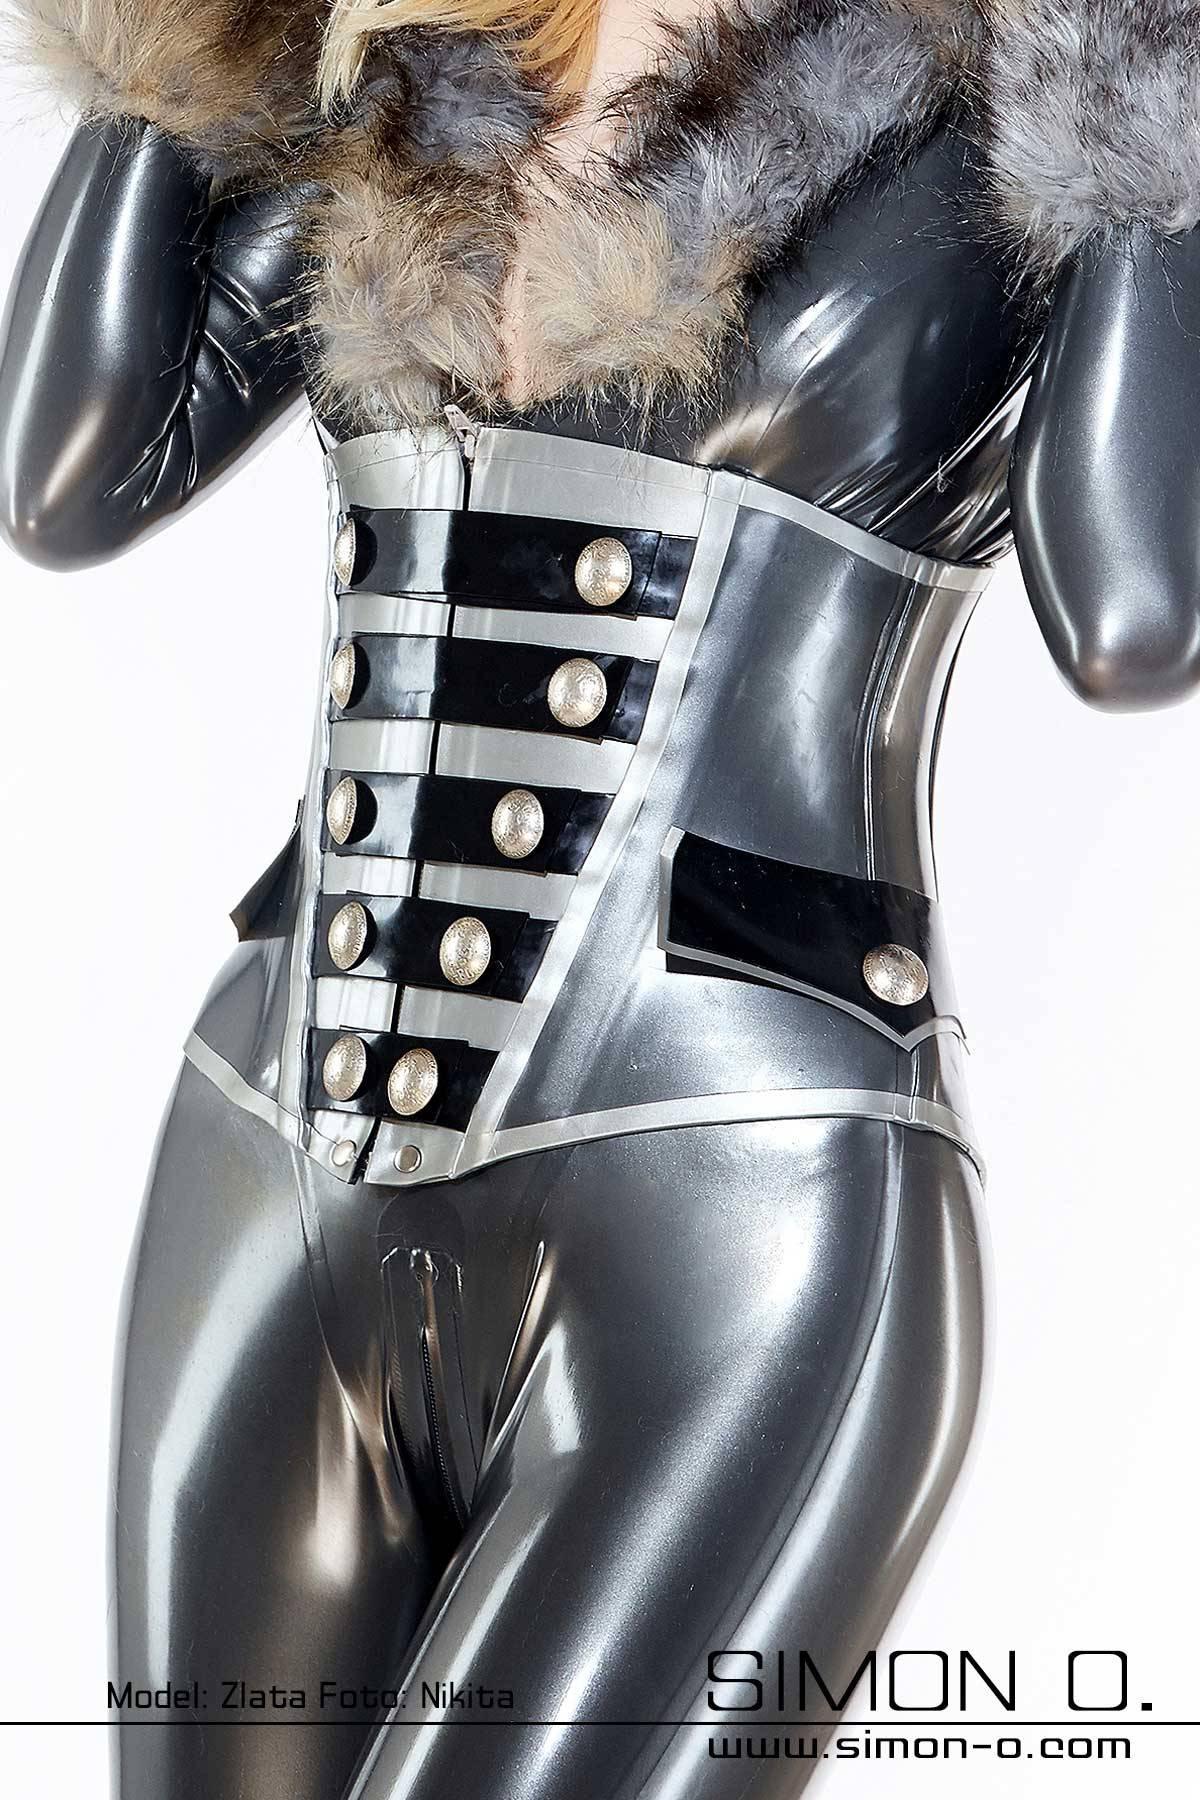 Latex Korsett im Uniform Look Latex Korsett aus dicken Latex mit Zipp und Ziertaschen im Uniform Stil. Mit Schnürung hinten. Gefertigt aus starkem …